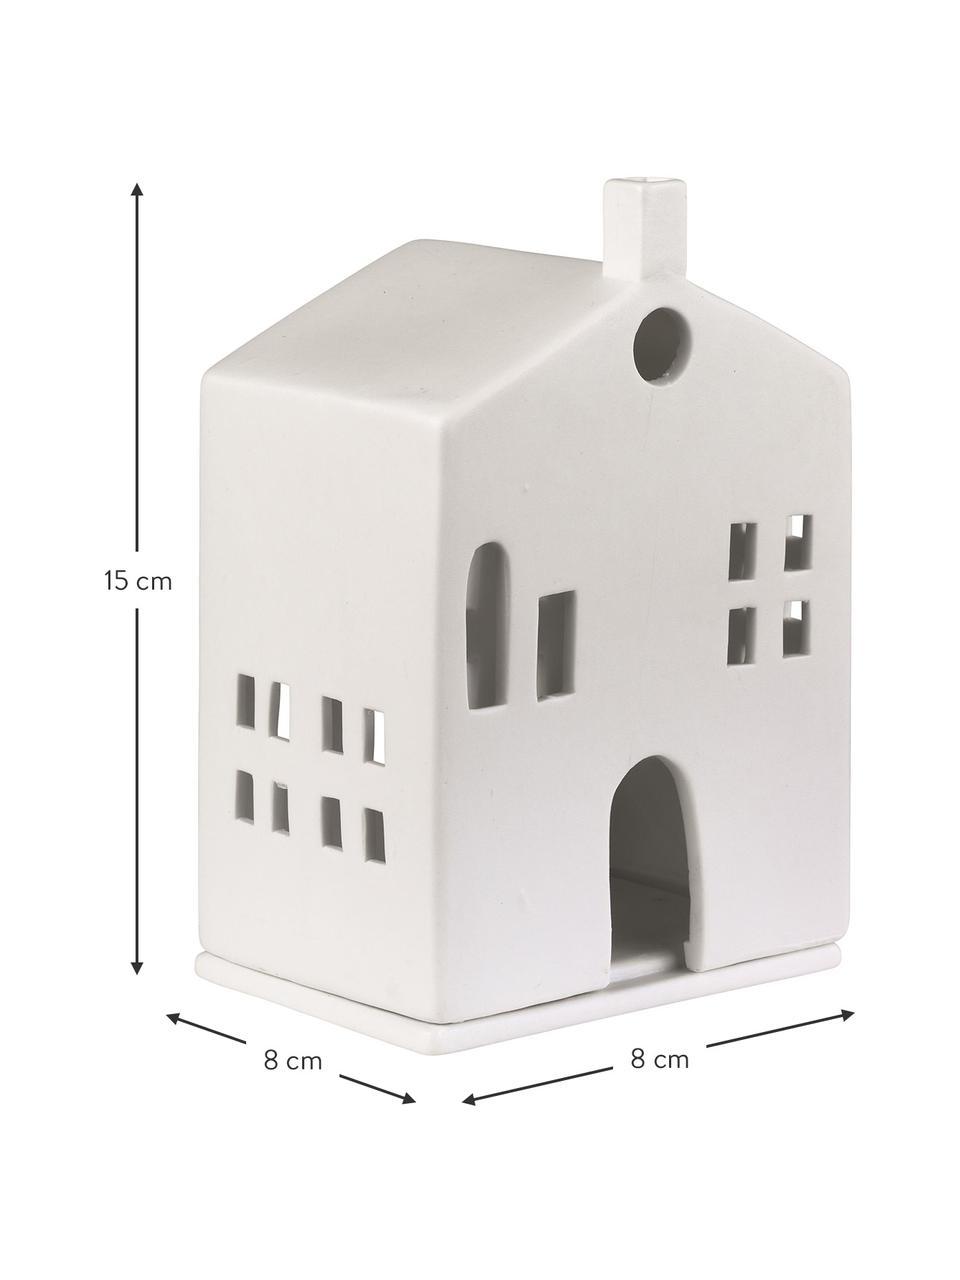 Lichthaus Building, Porzellan, Weiß, 10 x 15 cm